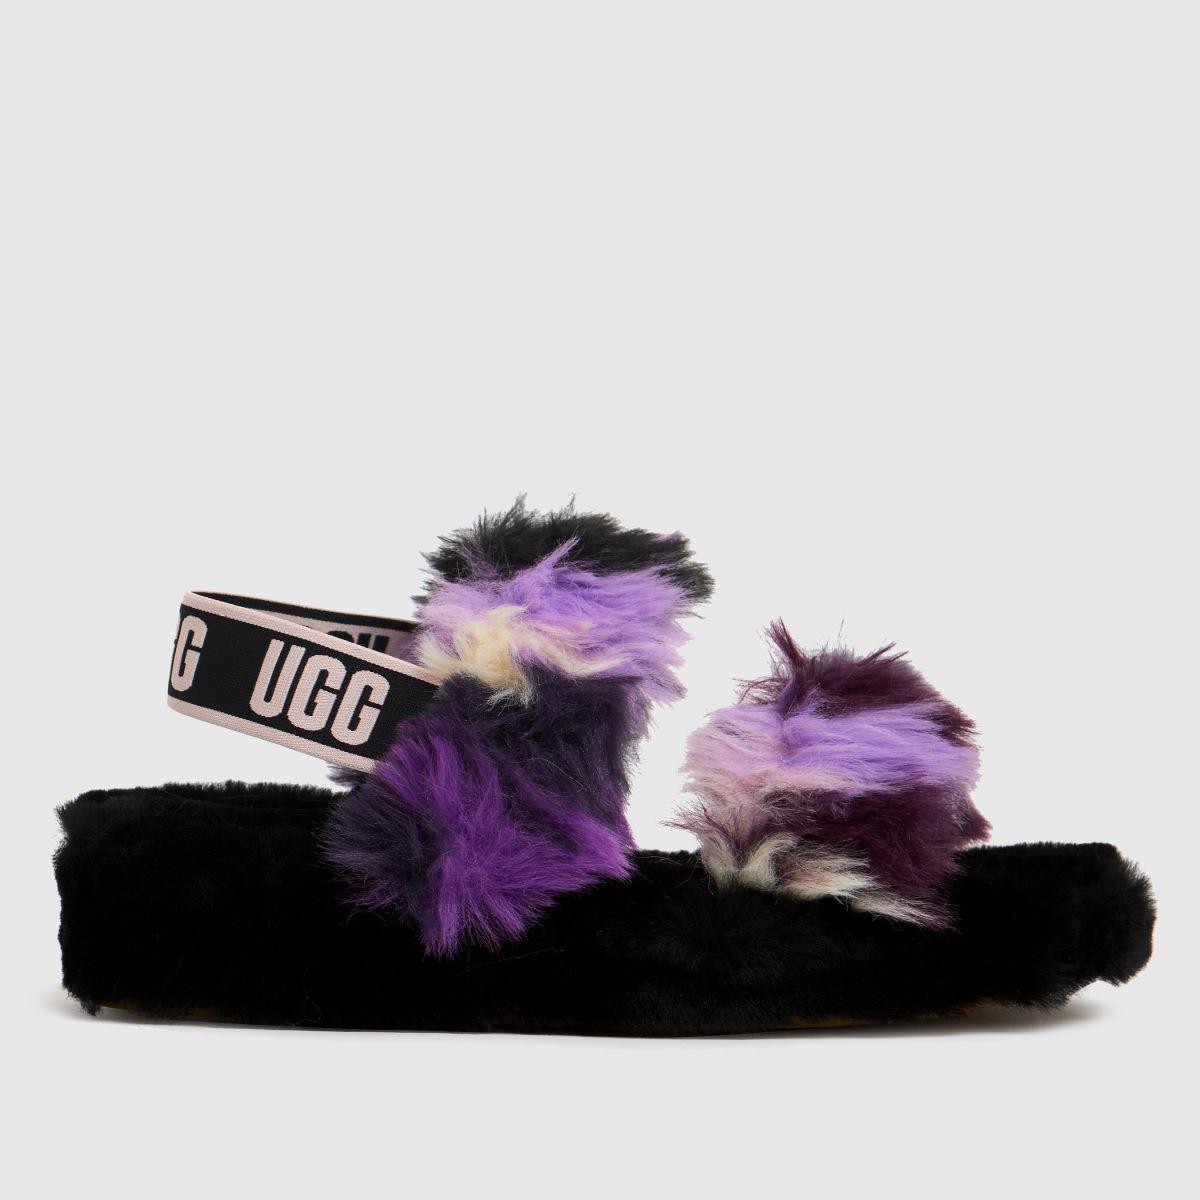 UGG Black & Purple Oh Yeah Tie Dye Slippers